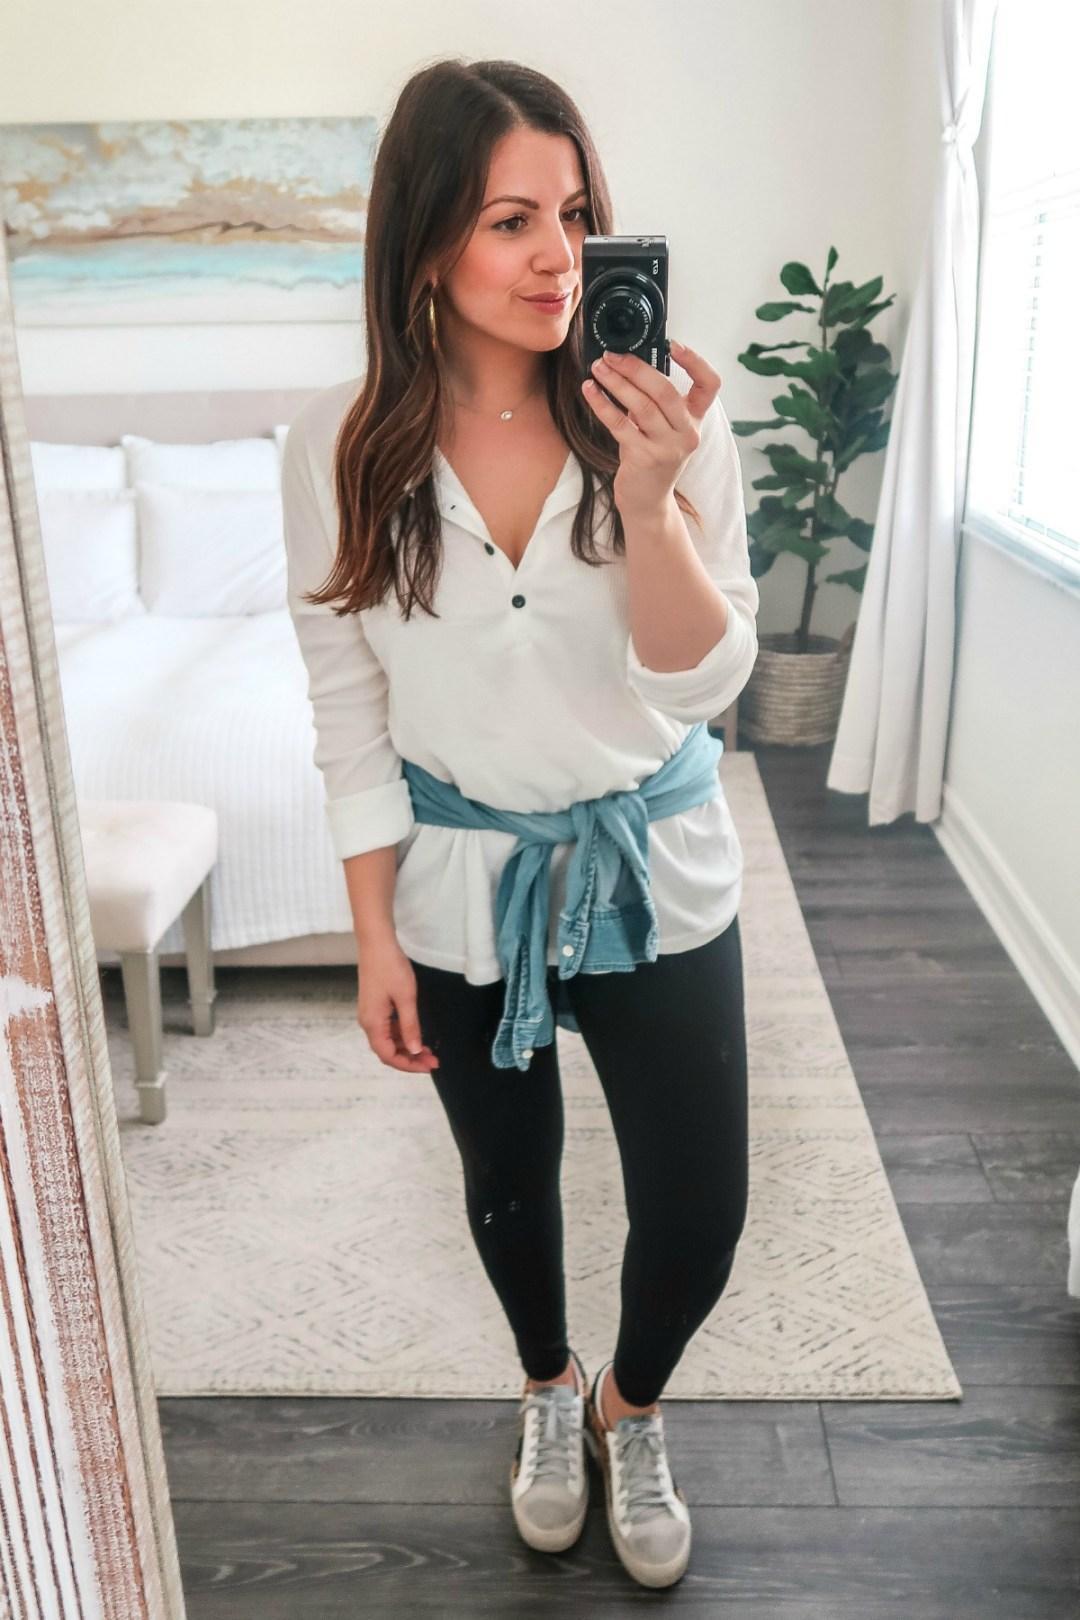 January Amazon Fashion best leggings, colorfulkoala leggings, Jaime Cittadino Florida fashion blogger